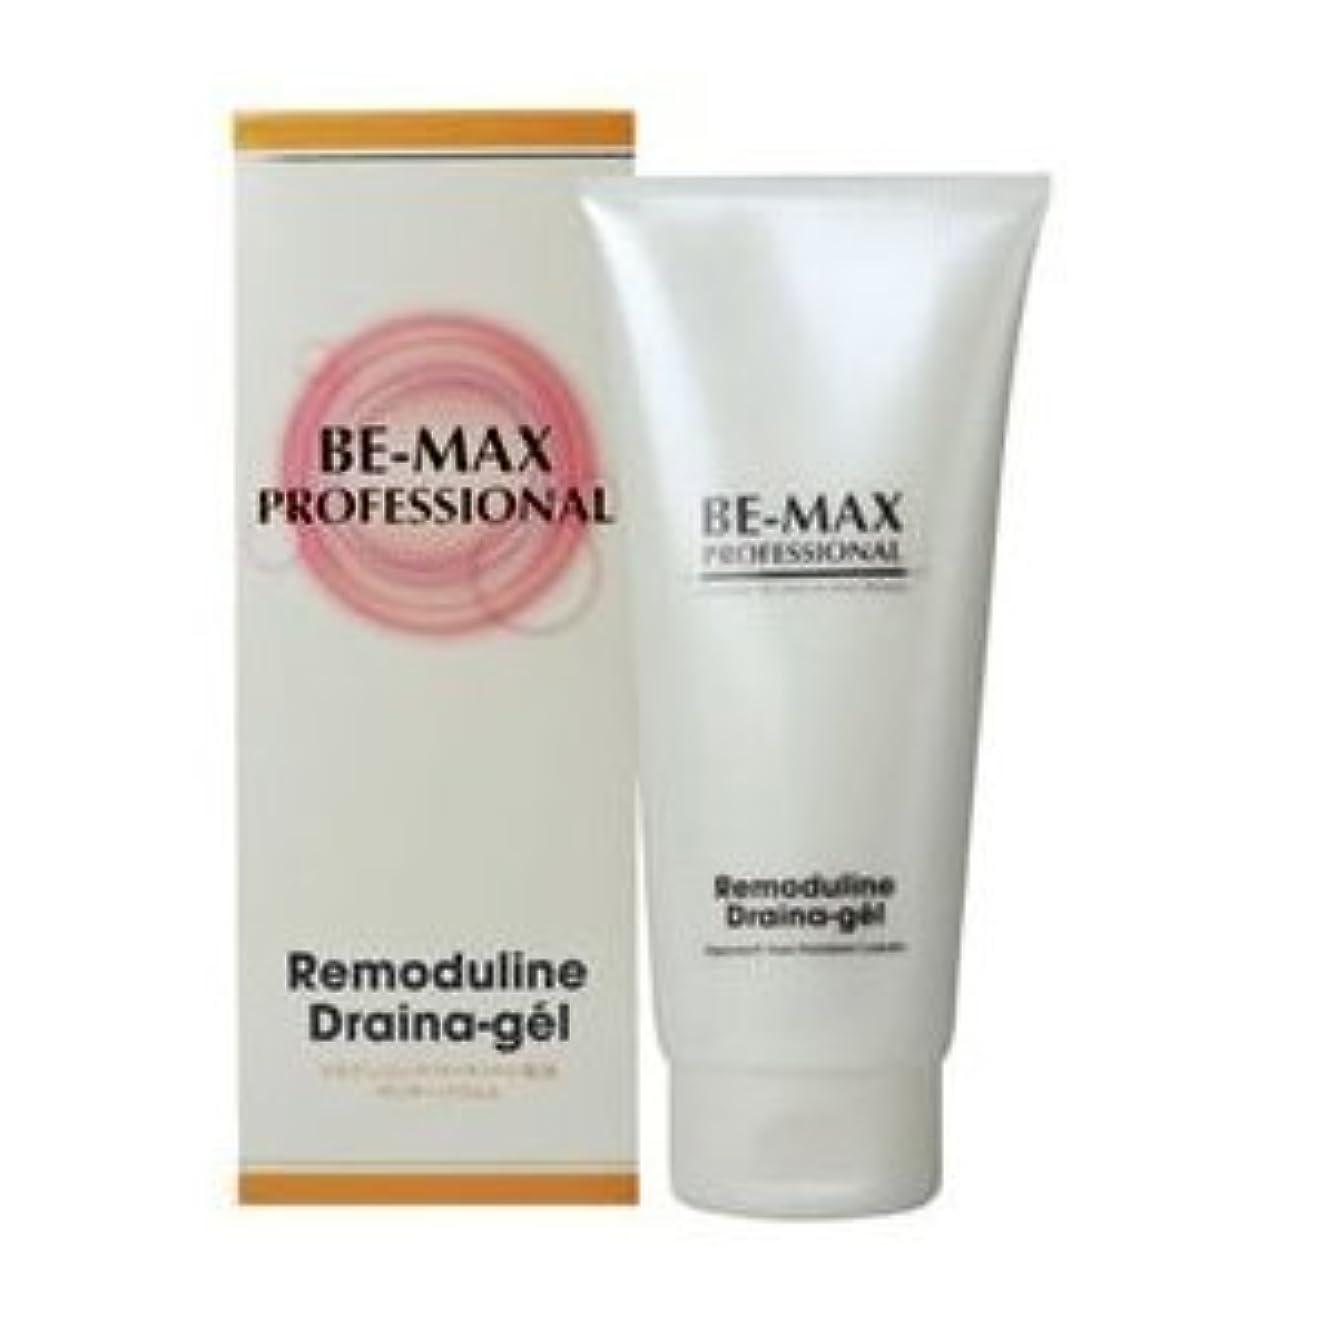 ハイブリッド見積りはぁBE-MAX PROFESSIONAL Remoduline Draina-gel リモデュリンドレナージェル 200G